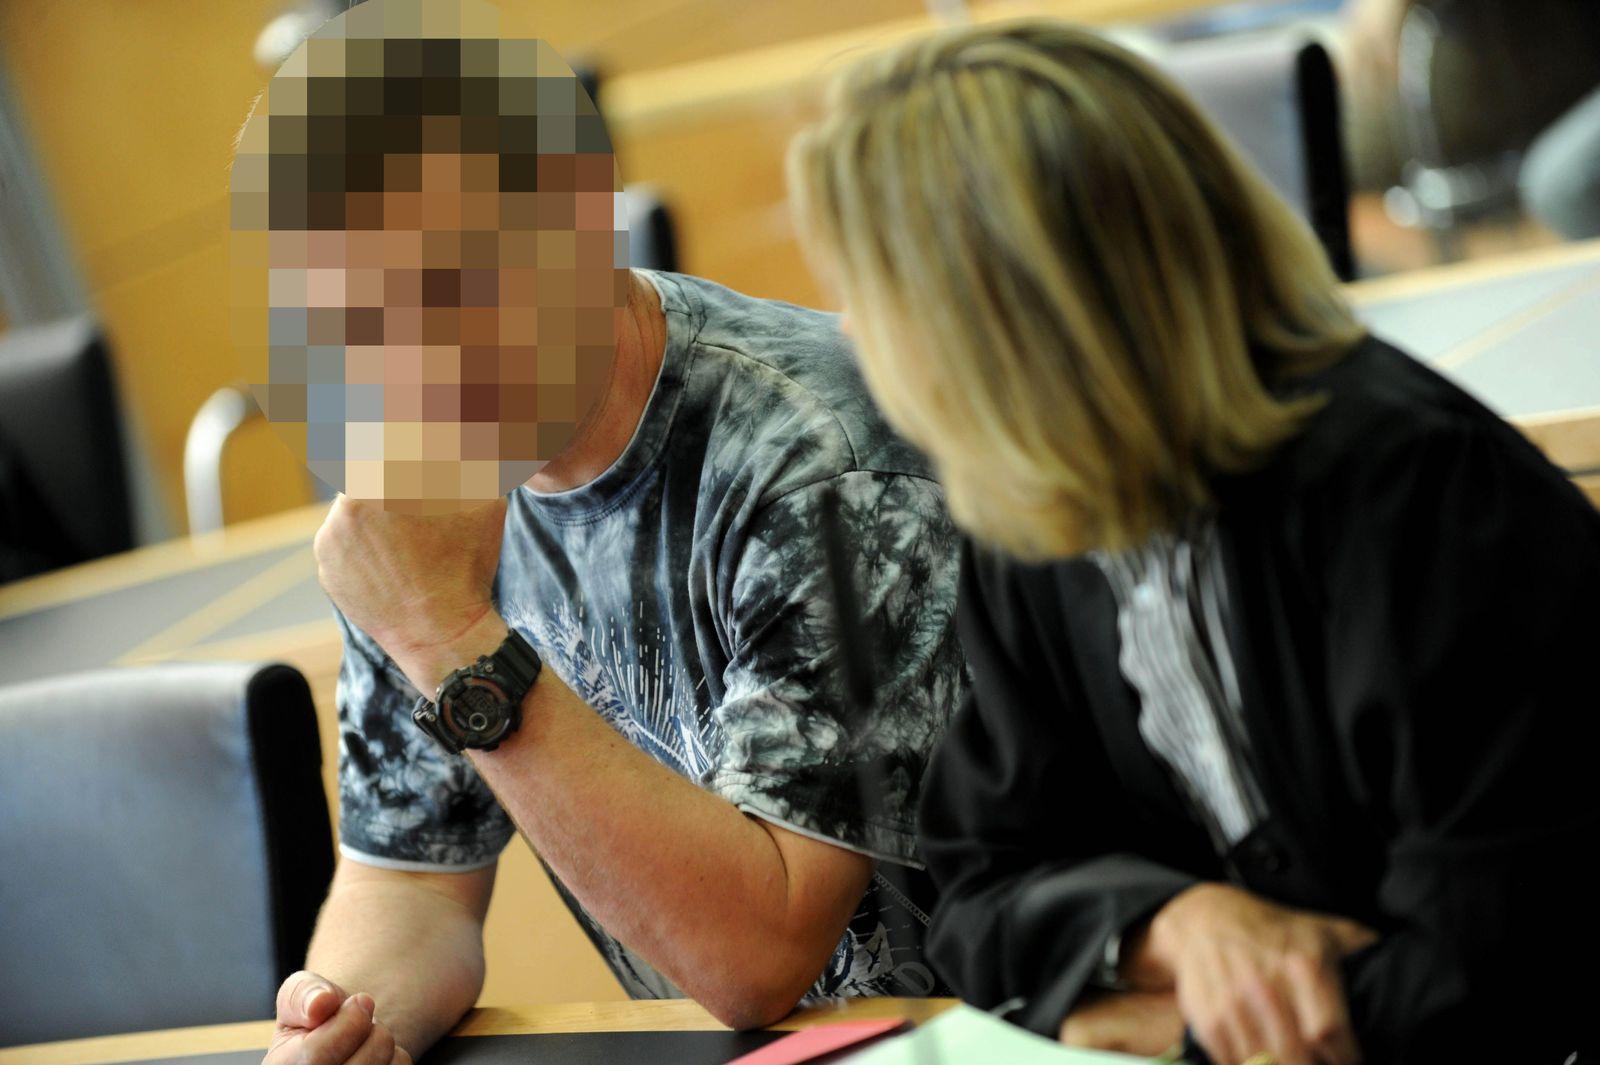 NICHT VERWENDEN Prozess / Bombenleger von Viernheim